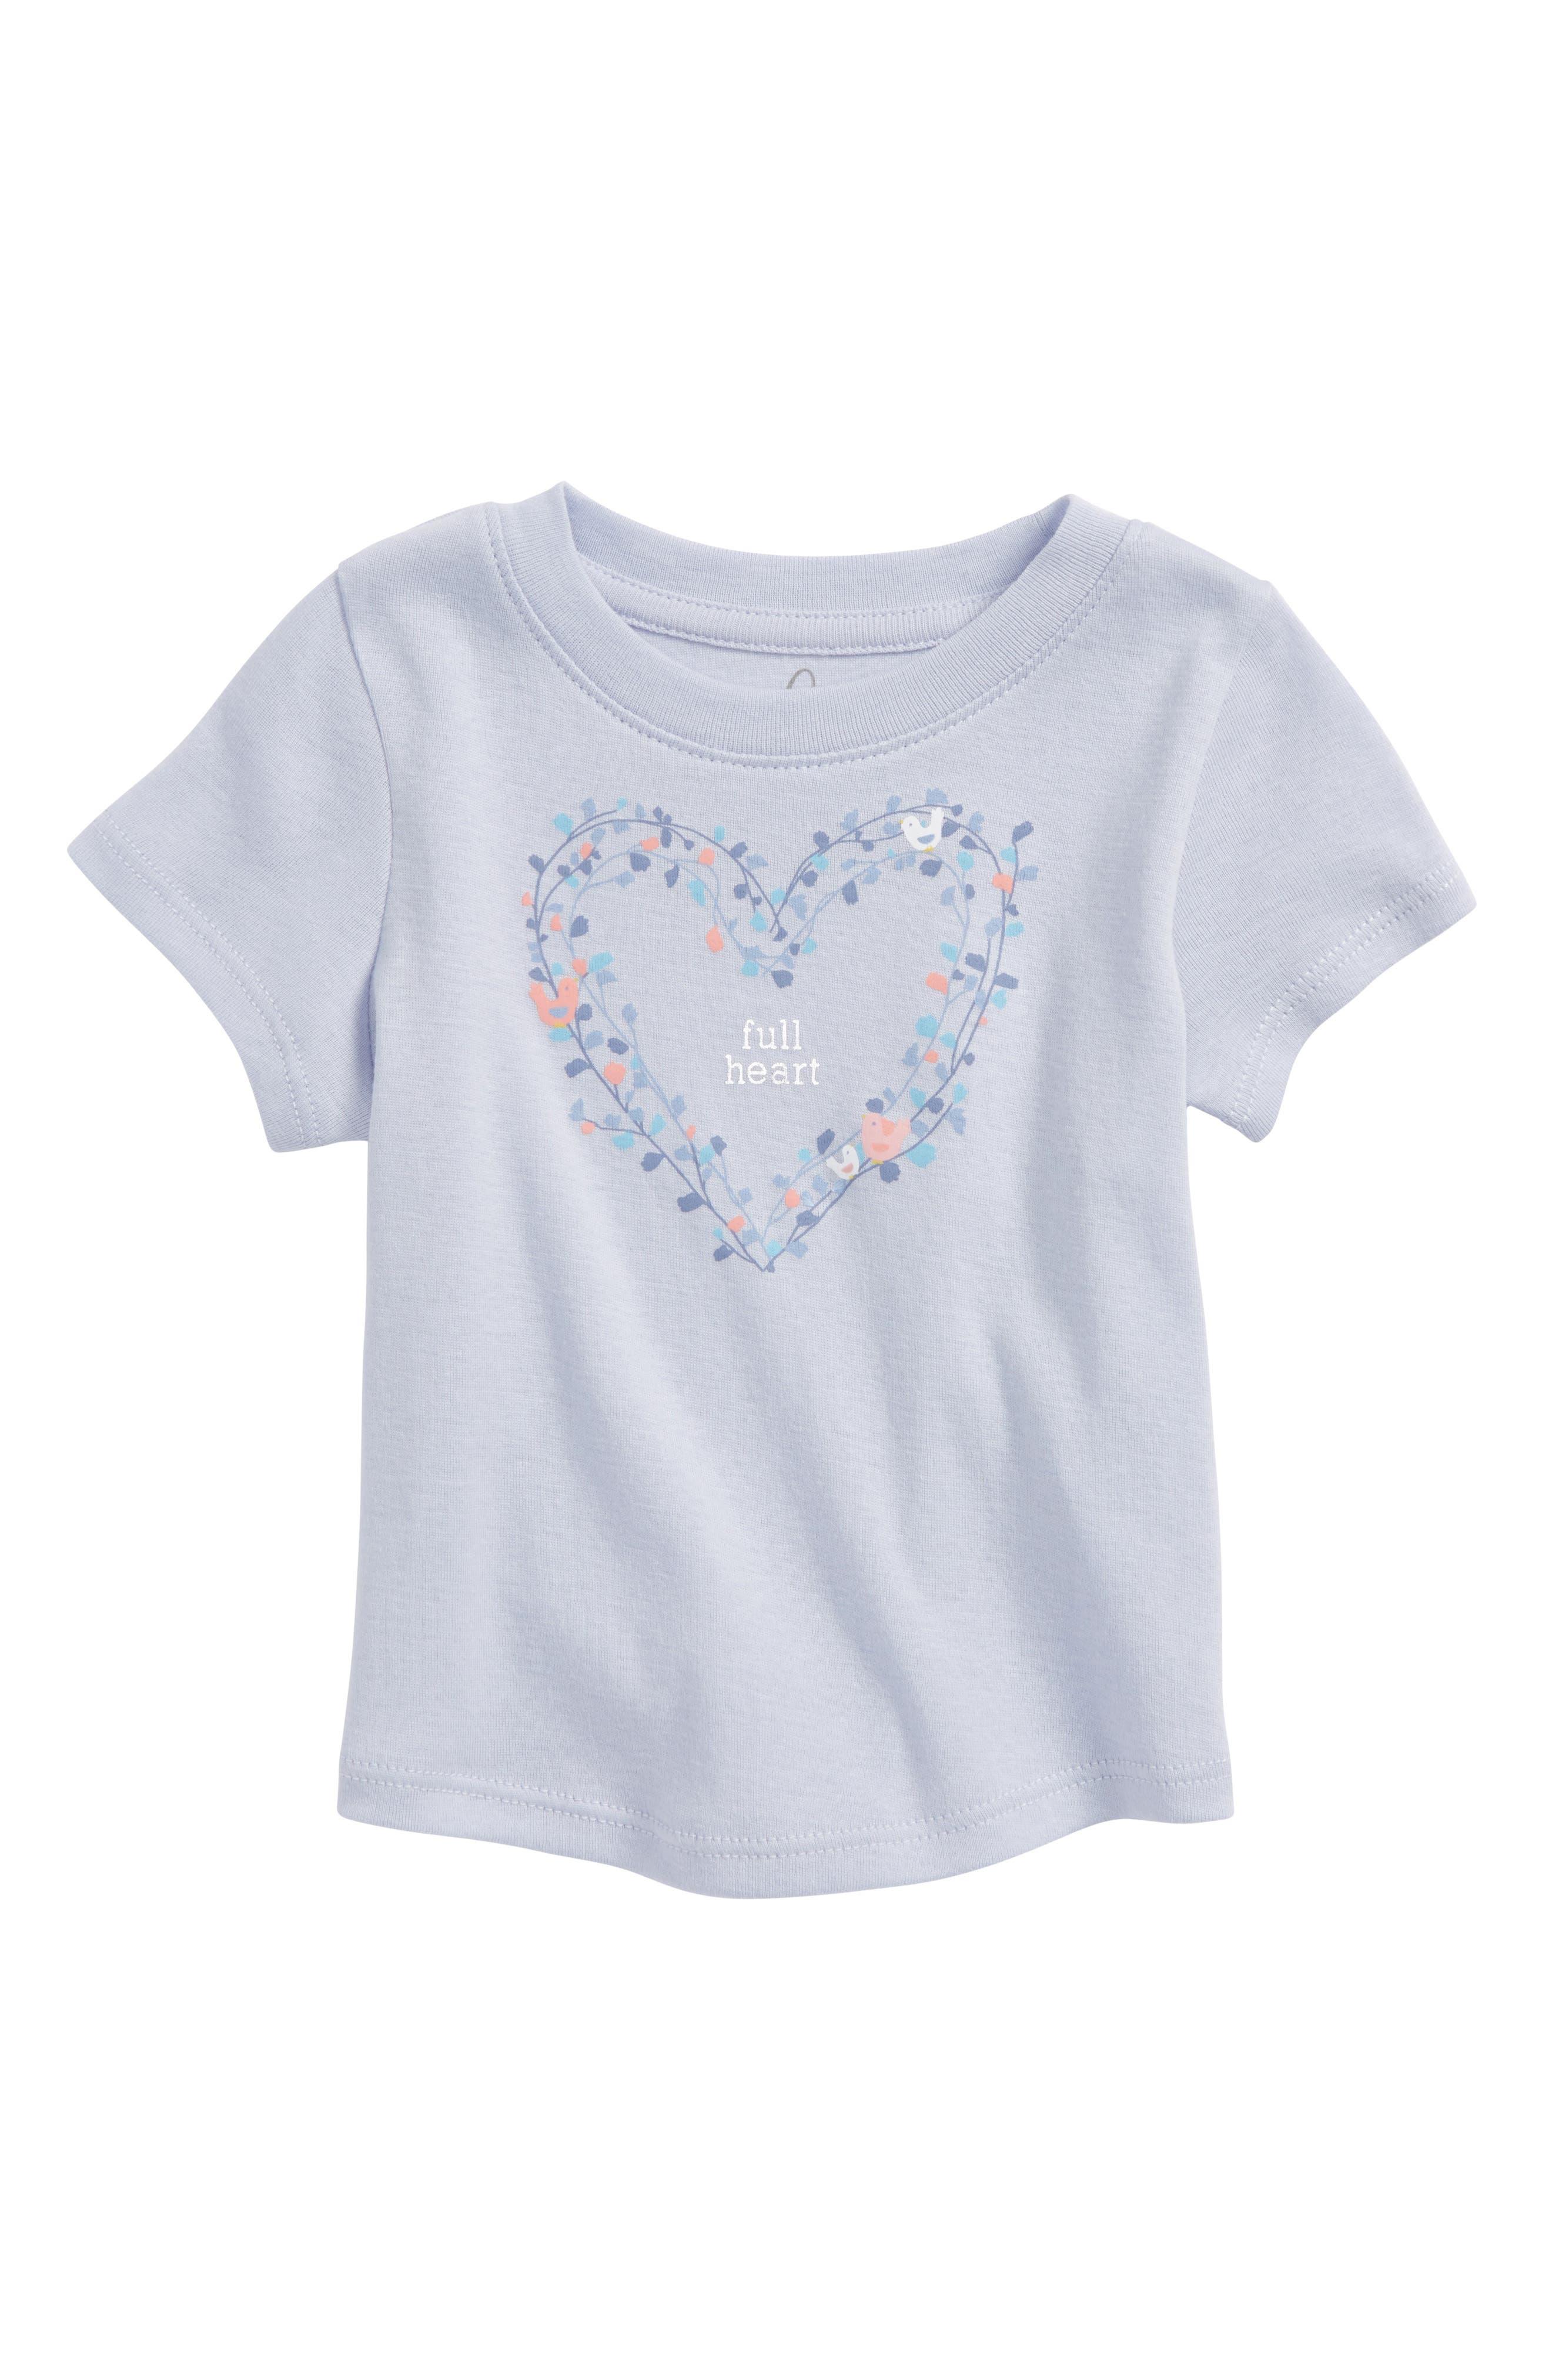 Main Image - Peek Full Heart Tee (Baby Girls)